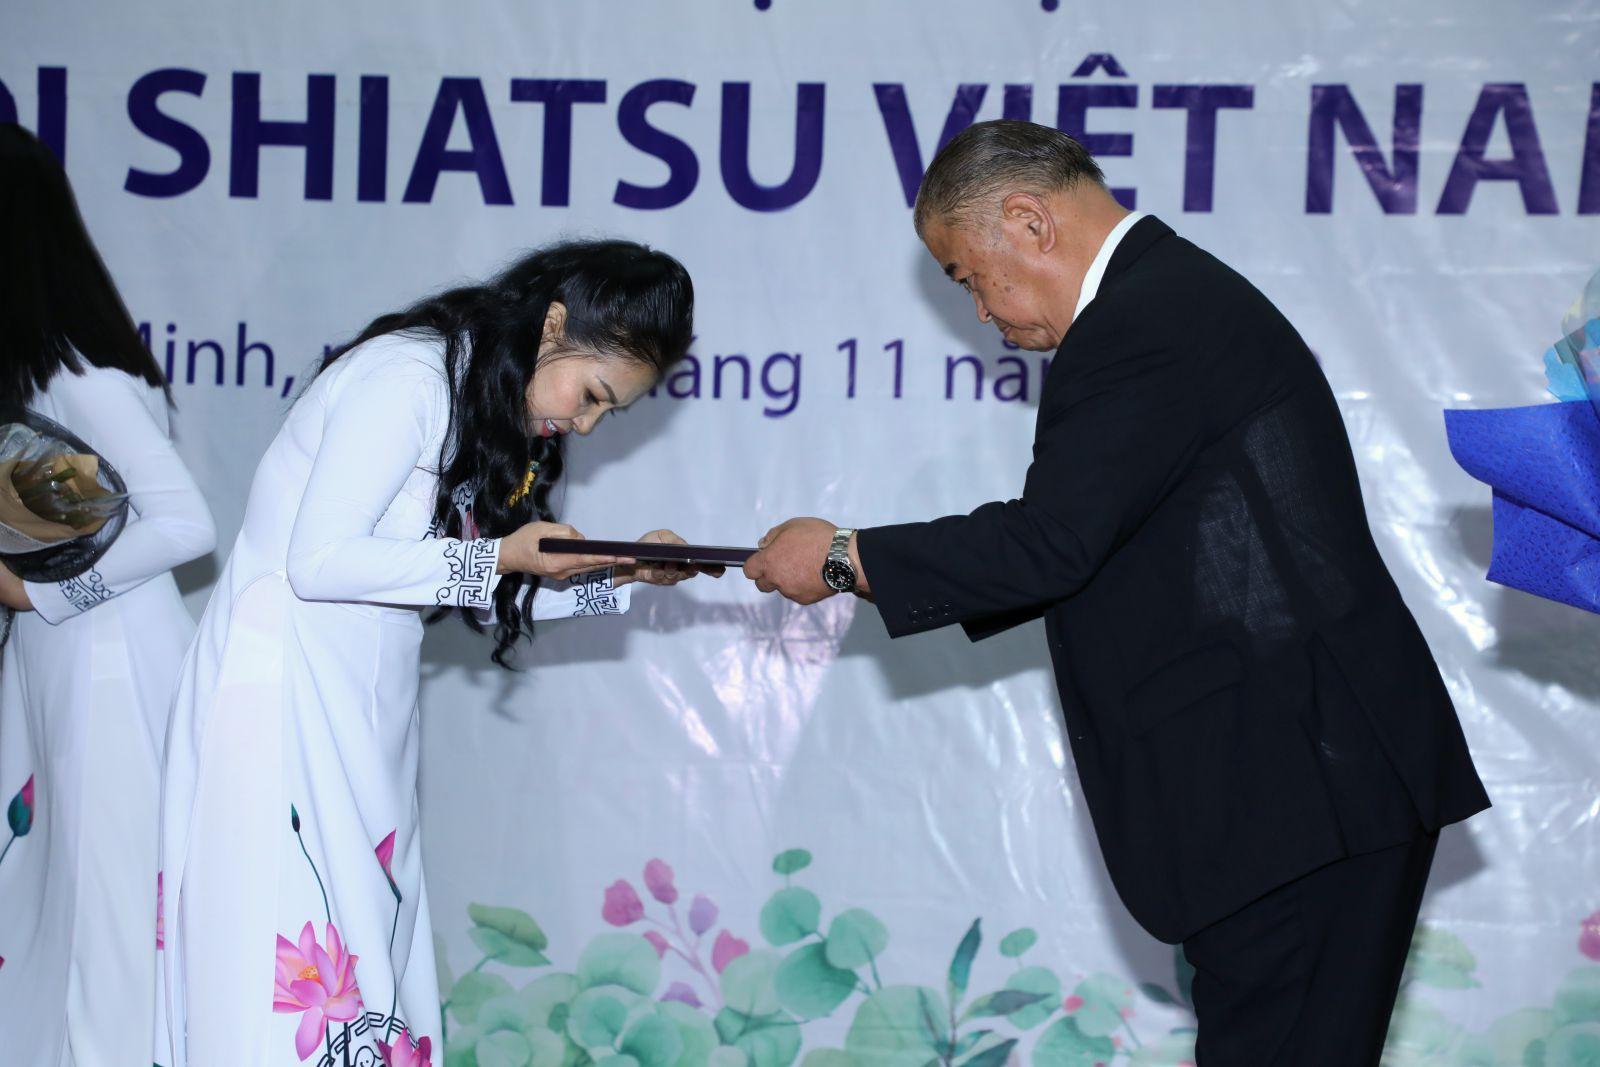 Giáo sư Suetugu Ueno thực hiện nghi thức trao quyết định bổ nhiệm cho bà Trương Thị Ngọc Ánh